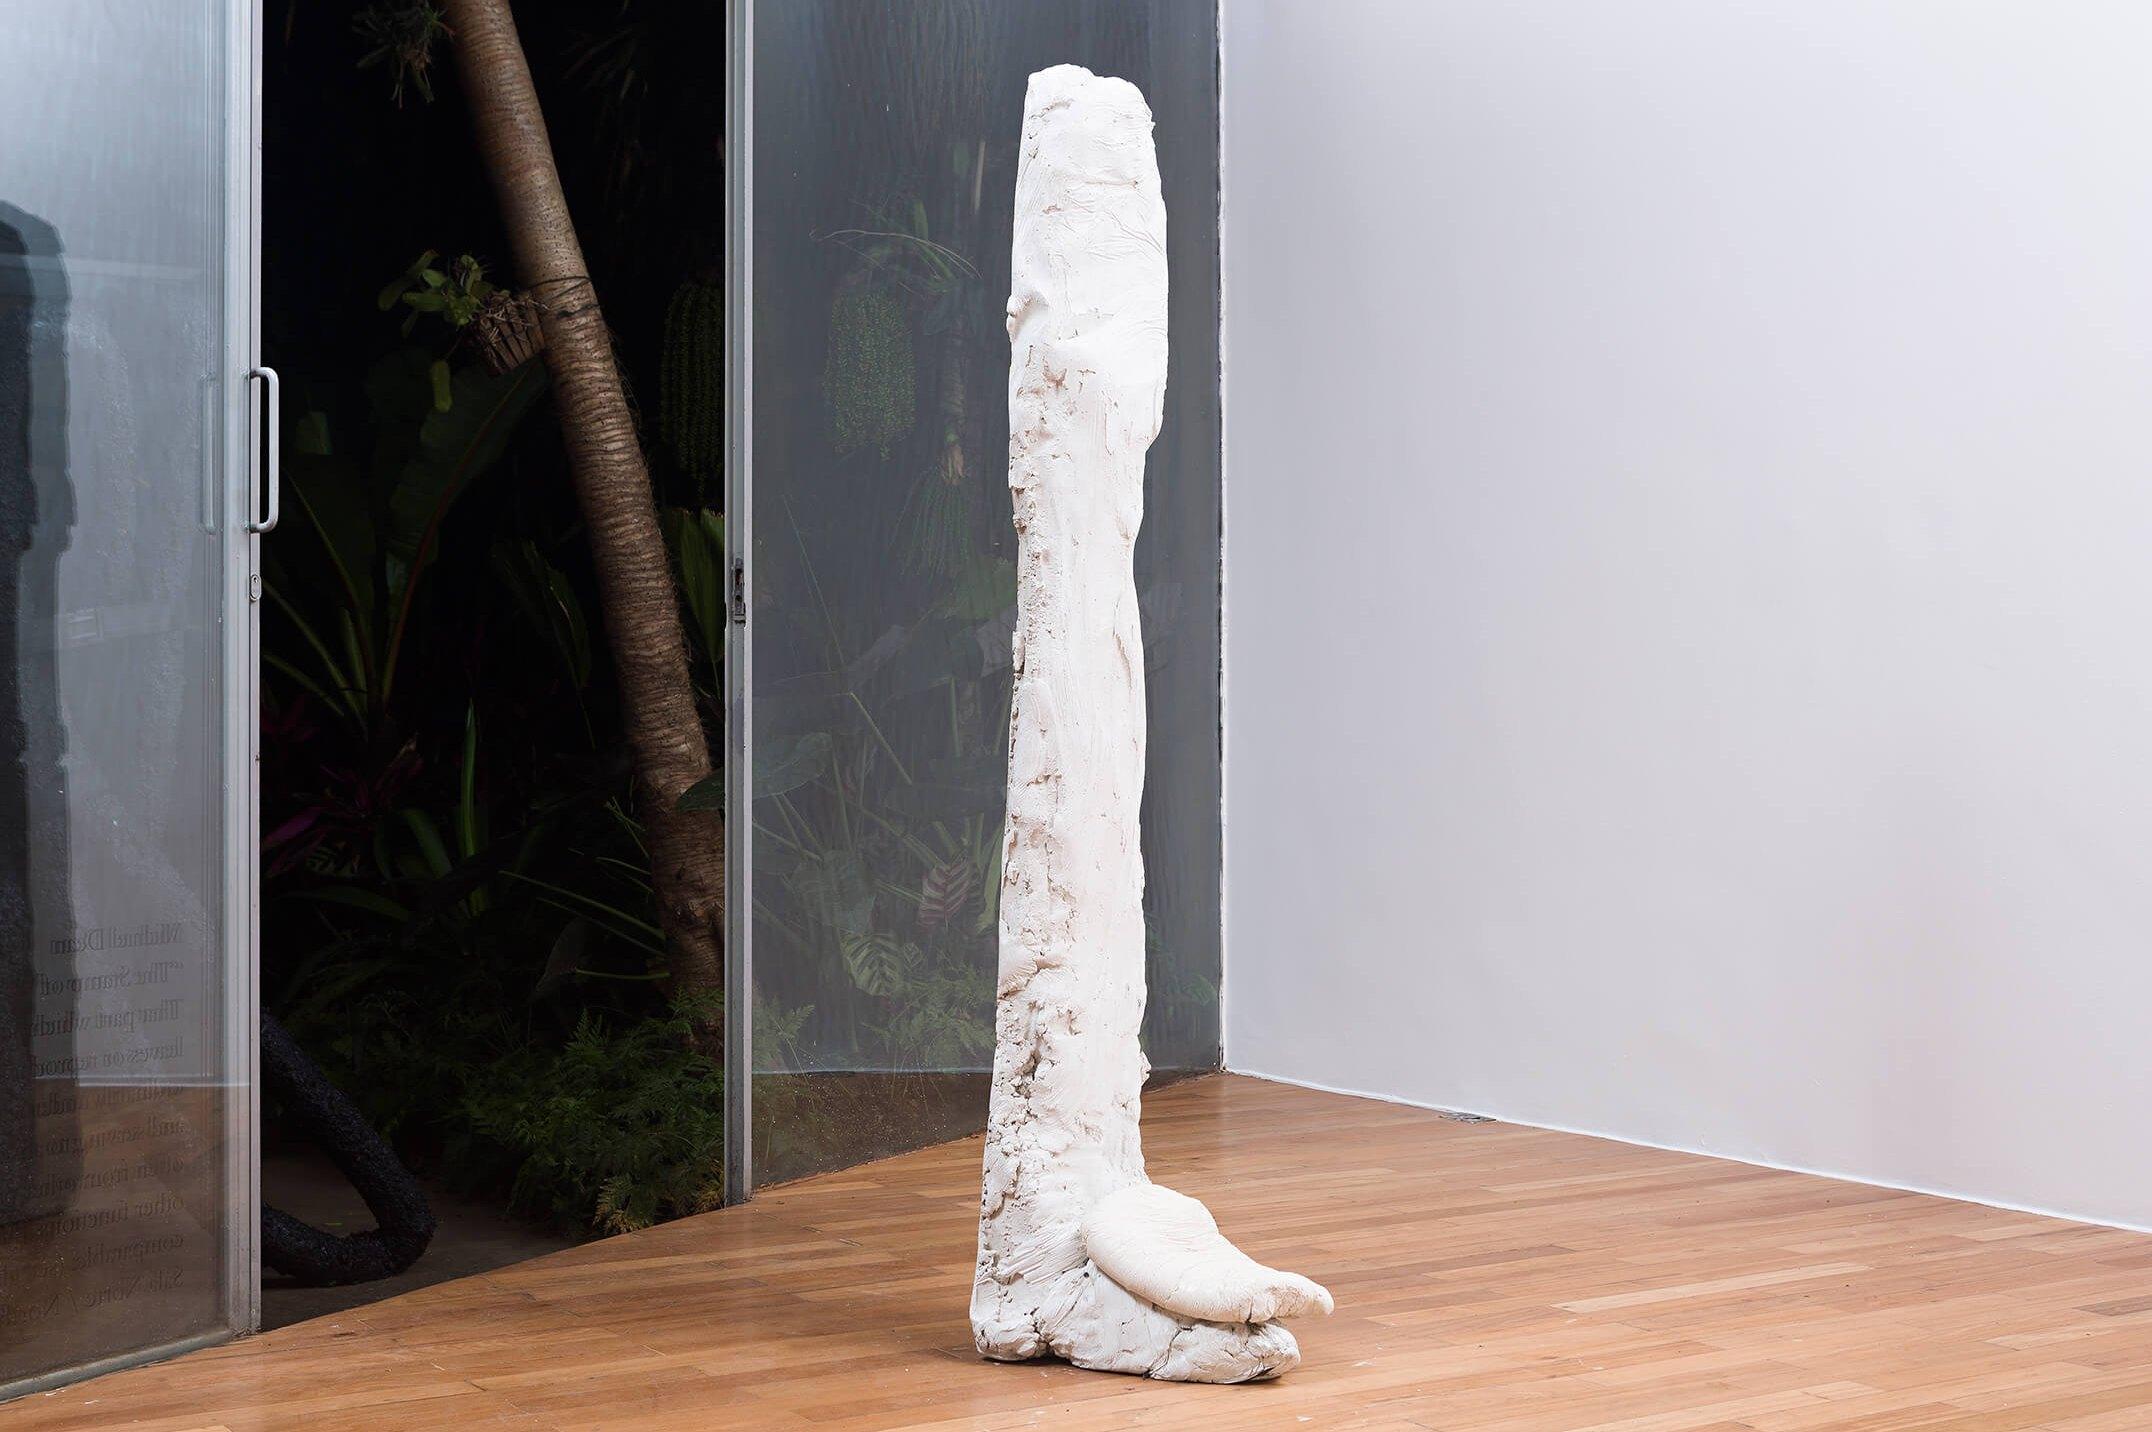 Michael Dean, <em>Analogue Series (Muscles)</em>, 2015, concrete, 1,72 × 34 × 46 cm - Mendes Wood DM